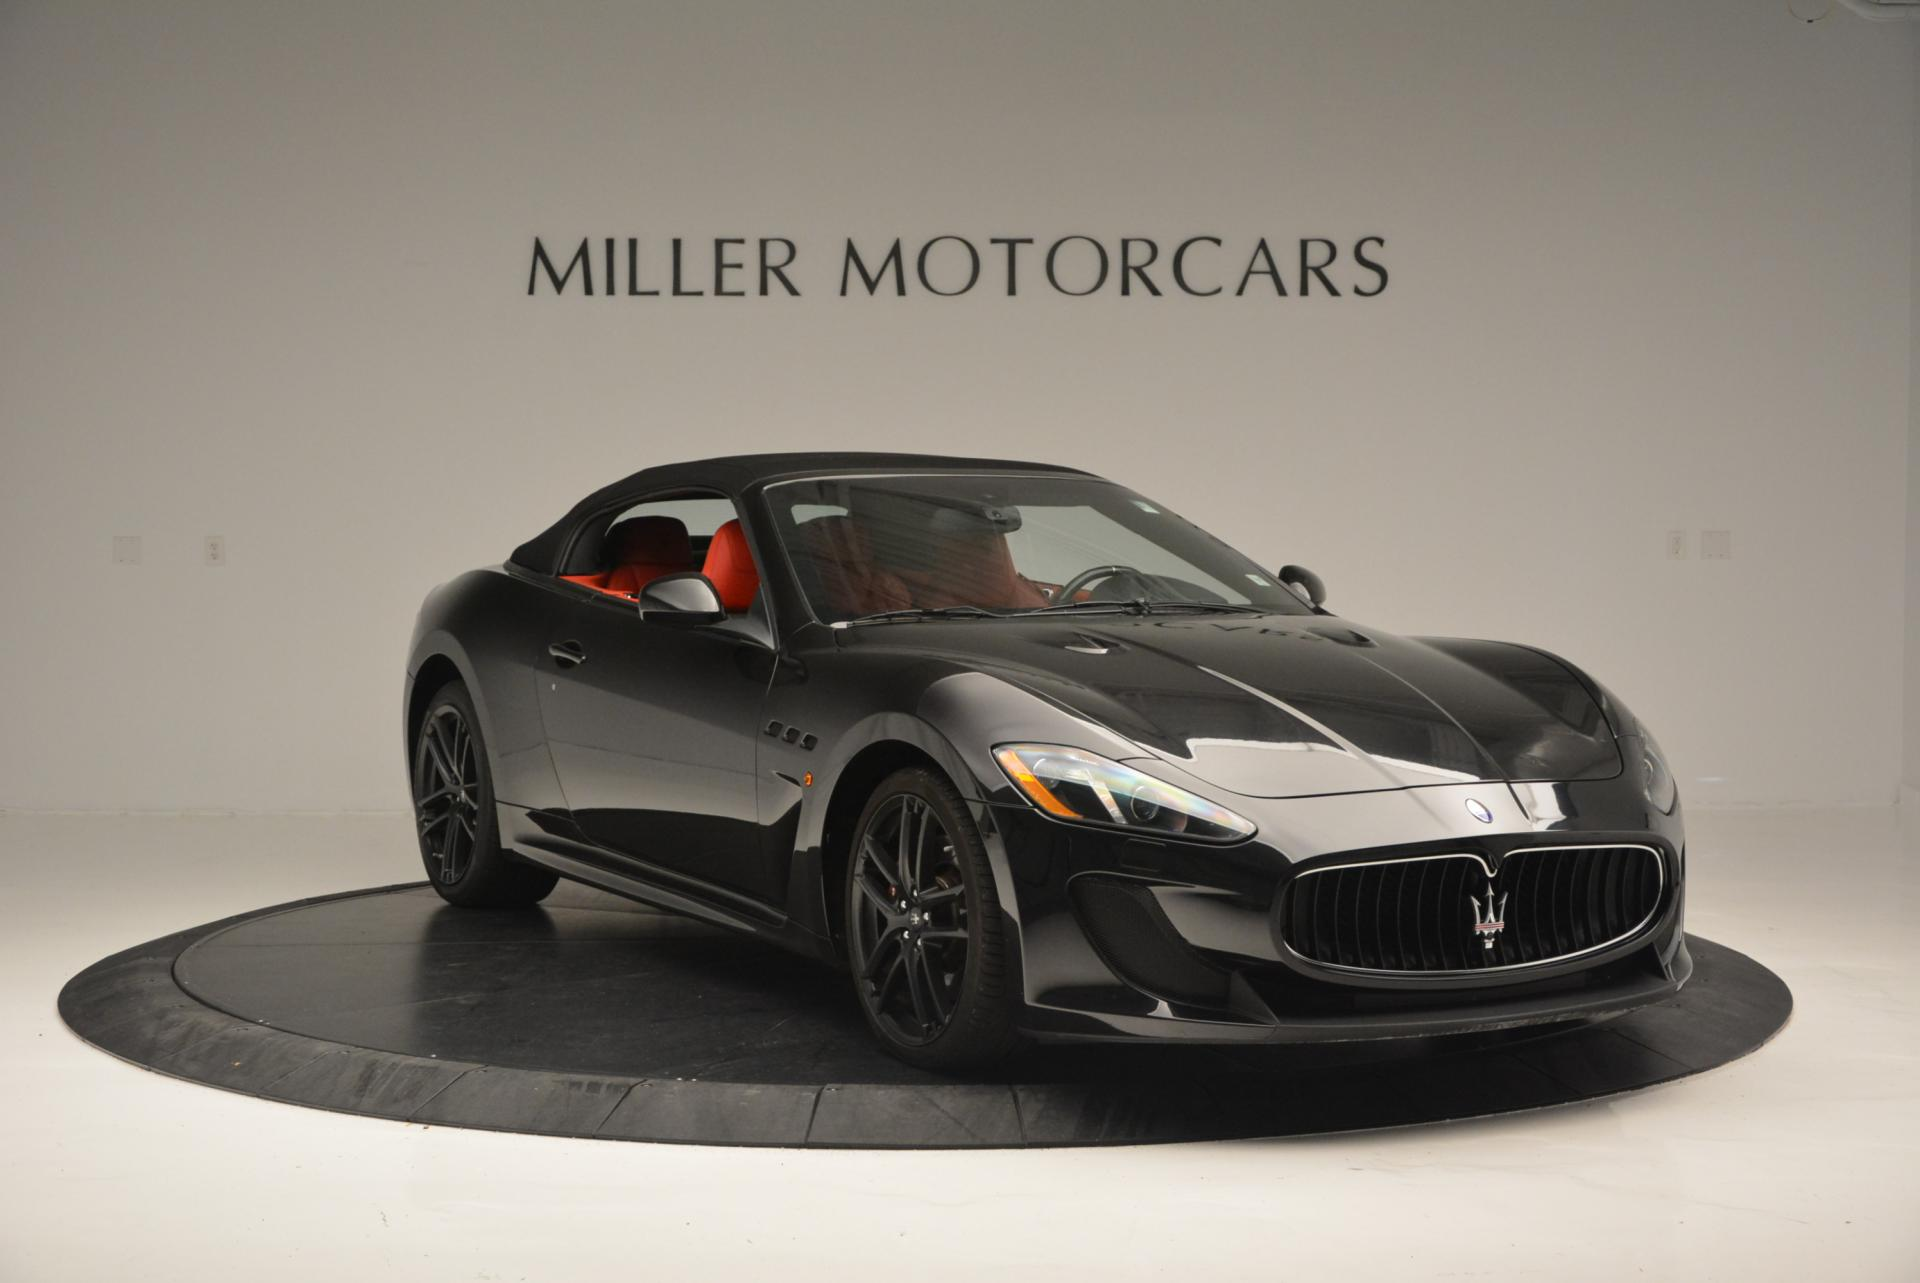 Used 2013 Maserati GranTurismo MC For Sale In Westport, CT 521_p18